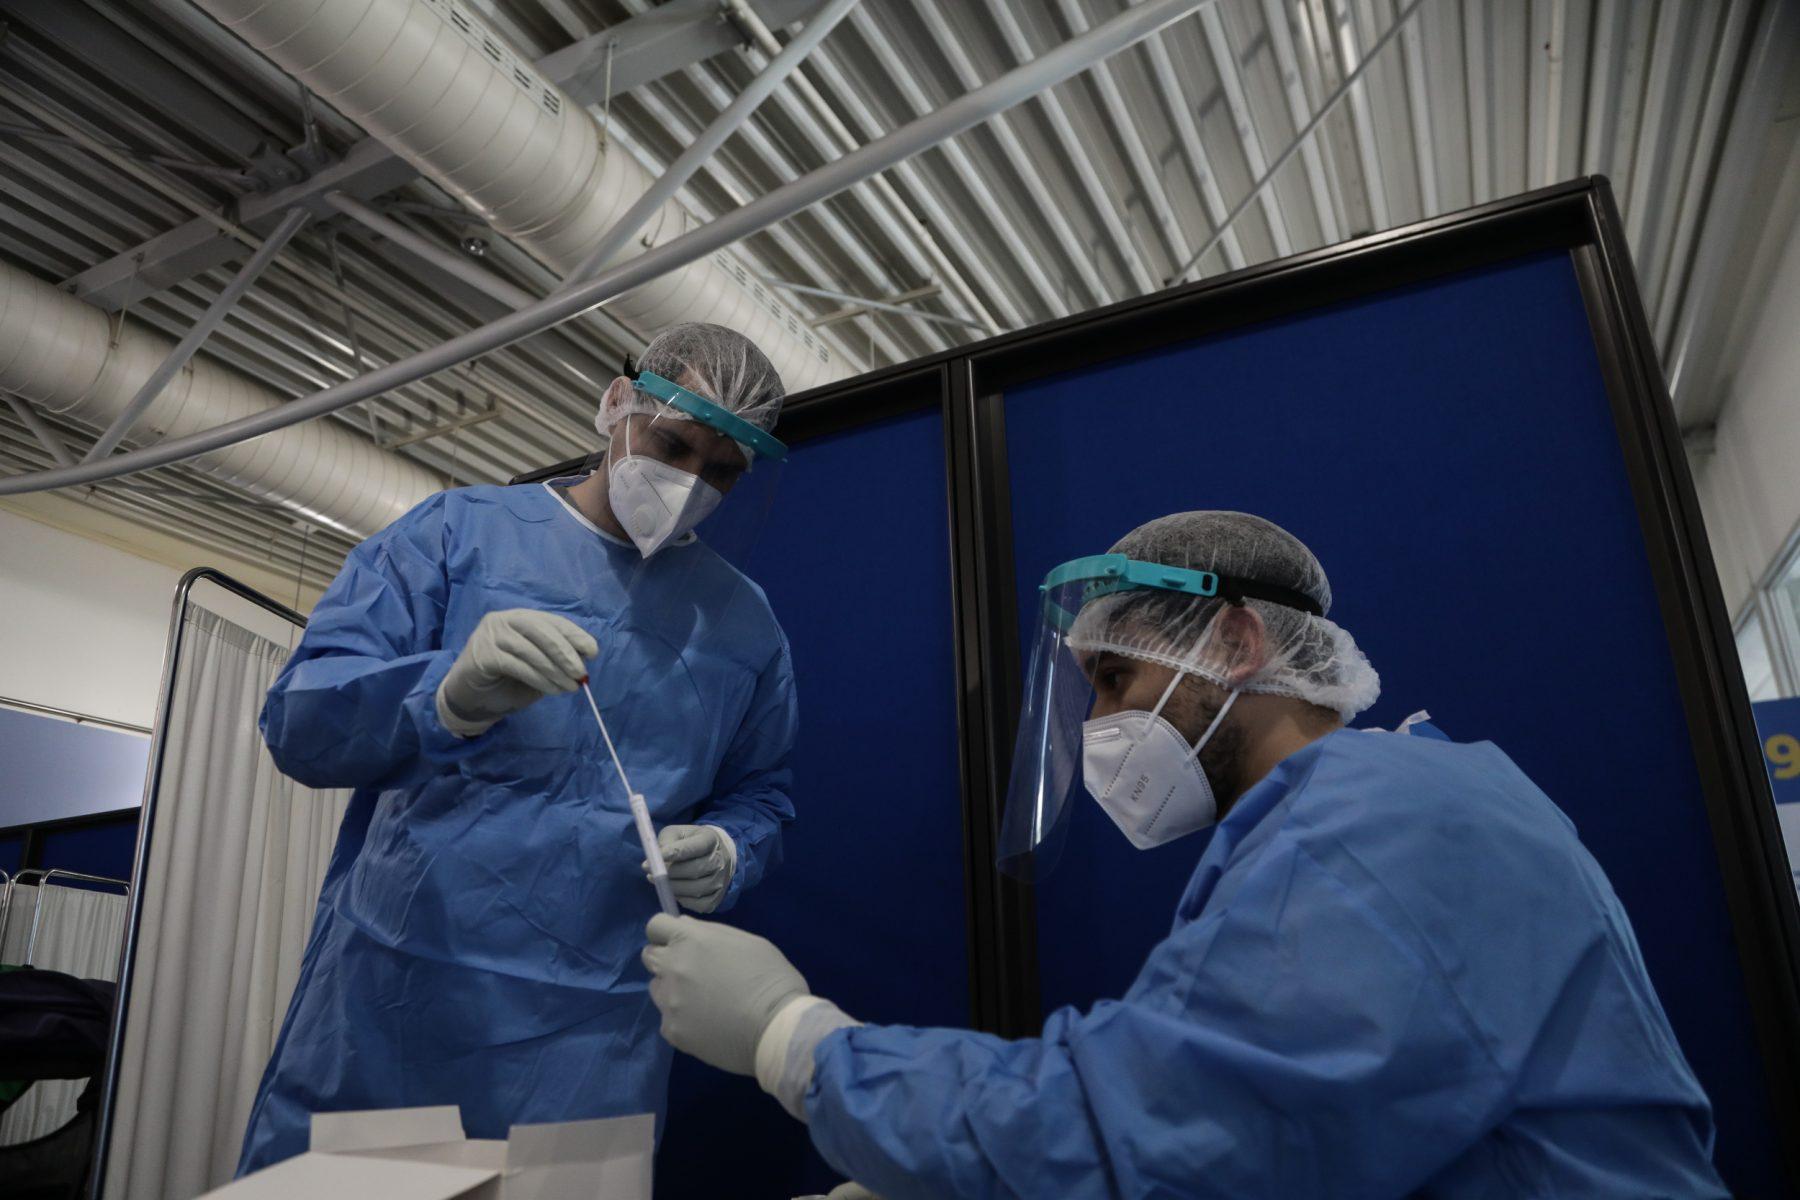 Κορωνοϊός κρούσματα: Συνεχίζεται η επιθετική πορεία του ιού – 300 νεκροί μέσα σε 3 ημέρες